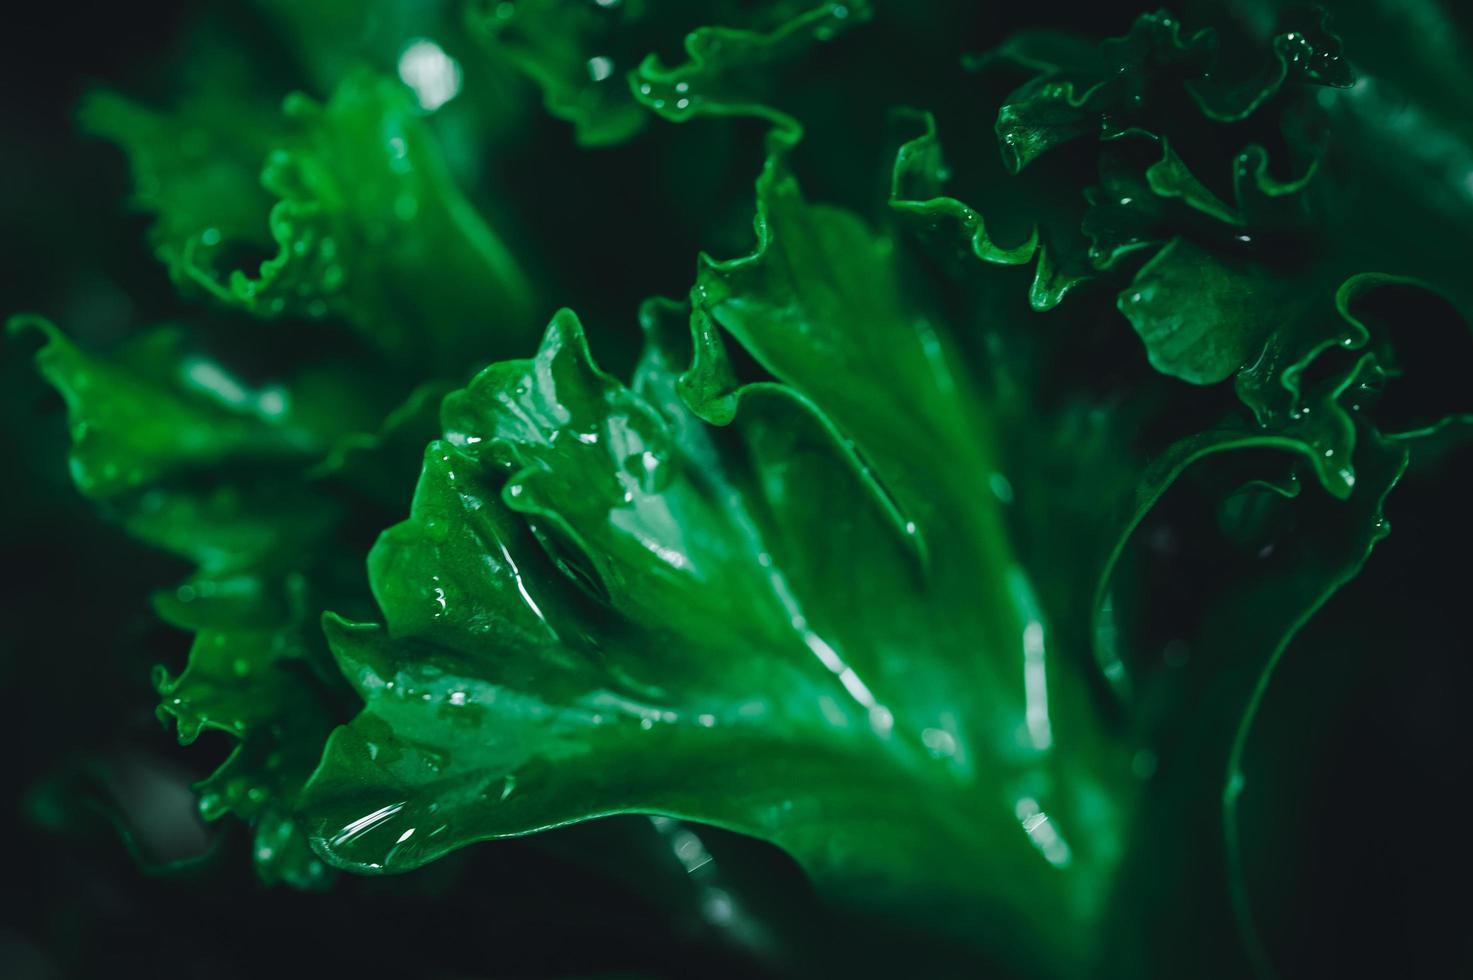 fond de feuilles vertes photo